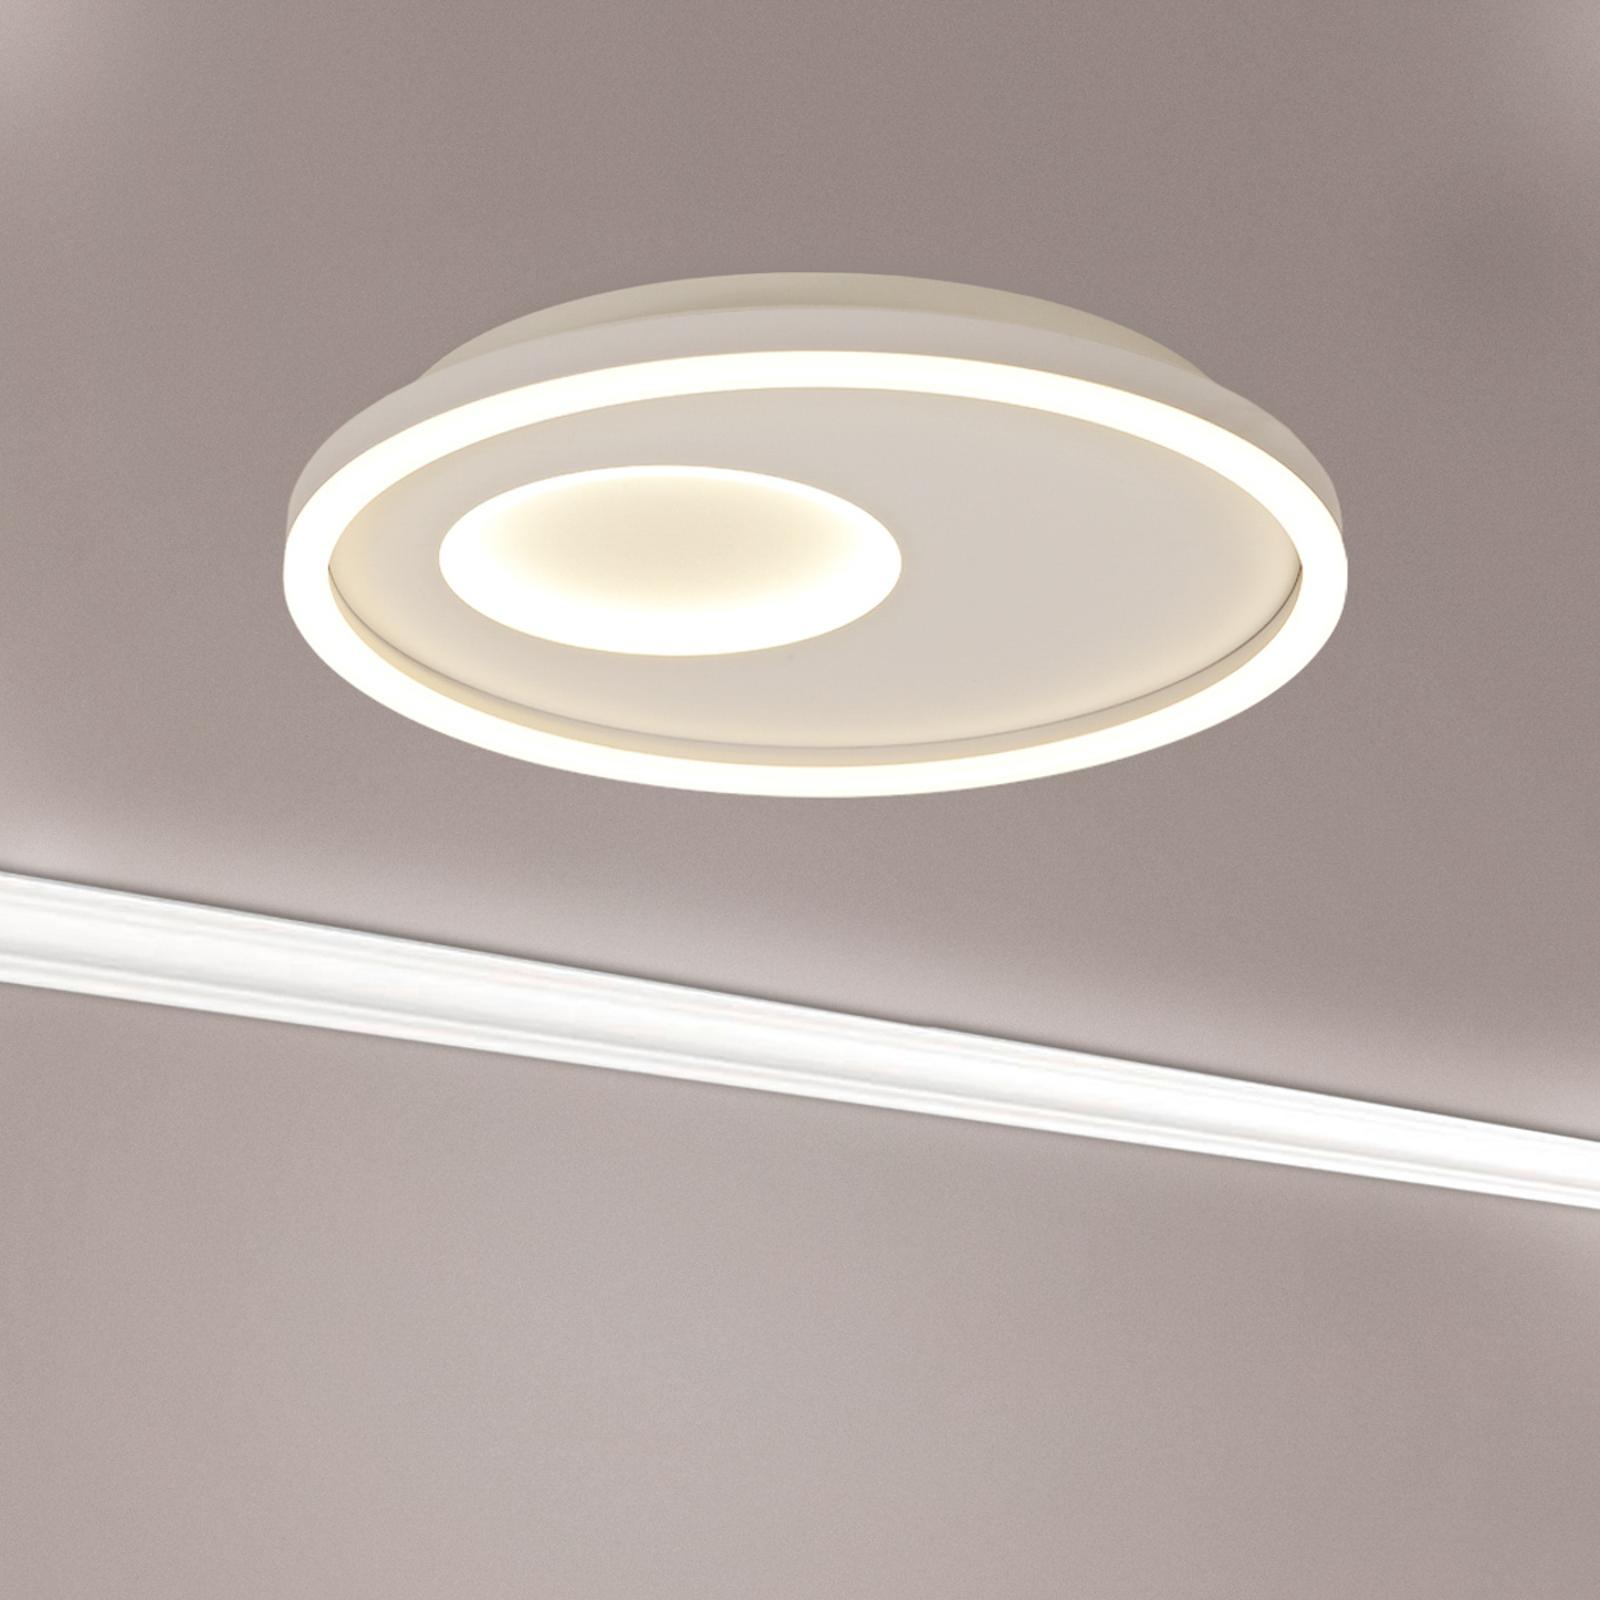 LED-vegglampe Krater hvit justerbar hvit dimbar